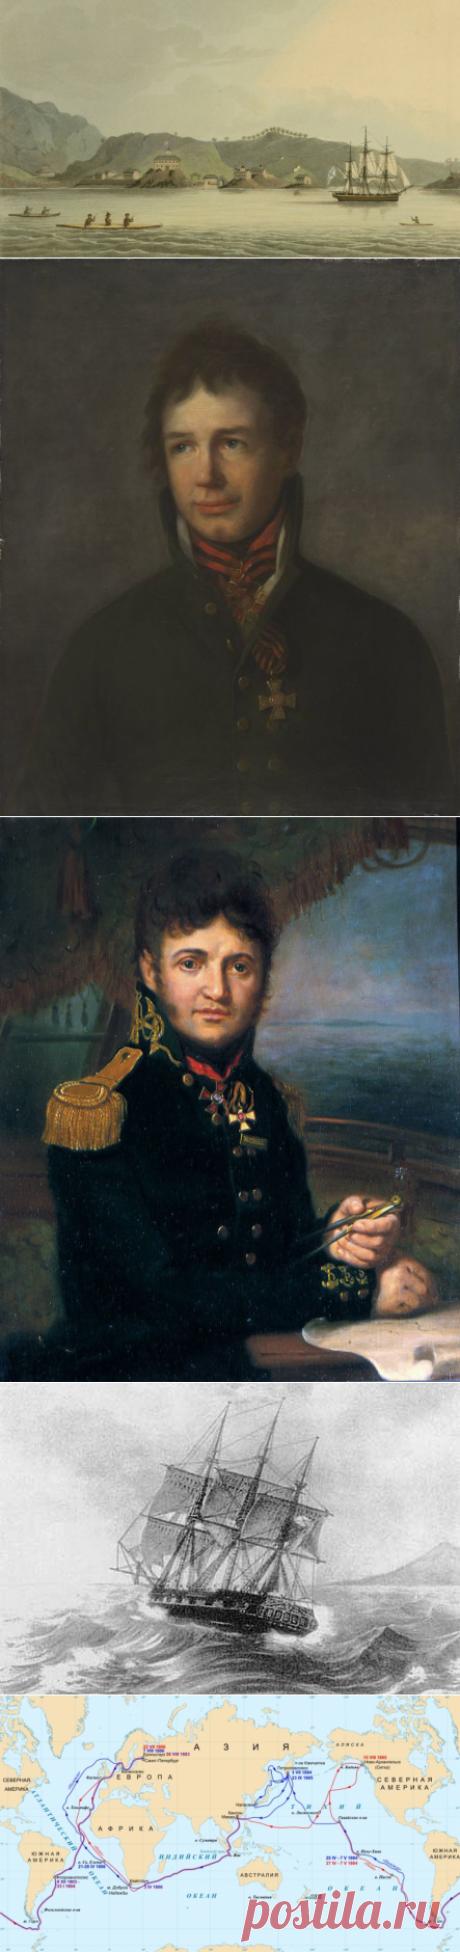 Как проходила первая русская кругосветная экспедиция? | Культура